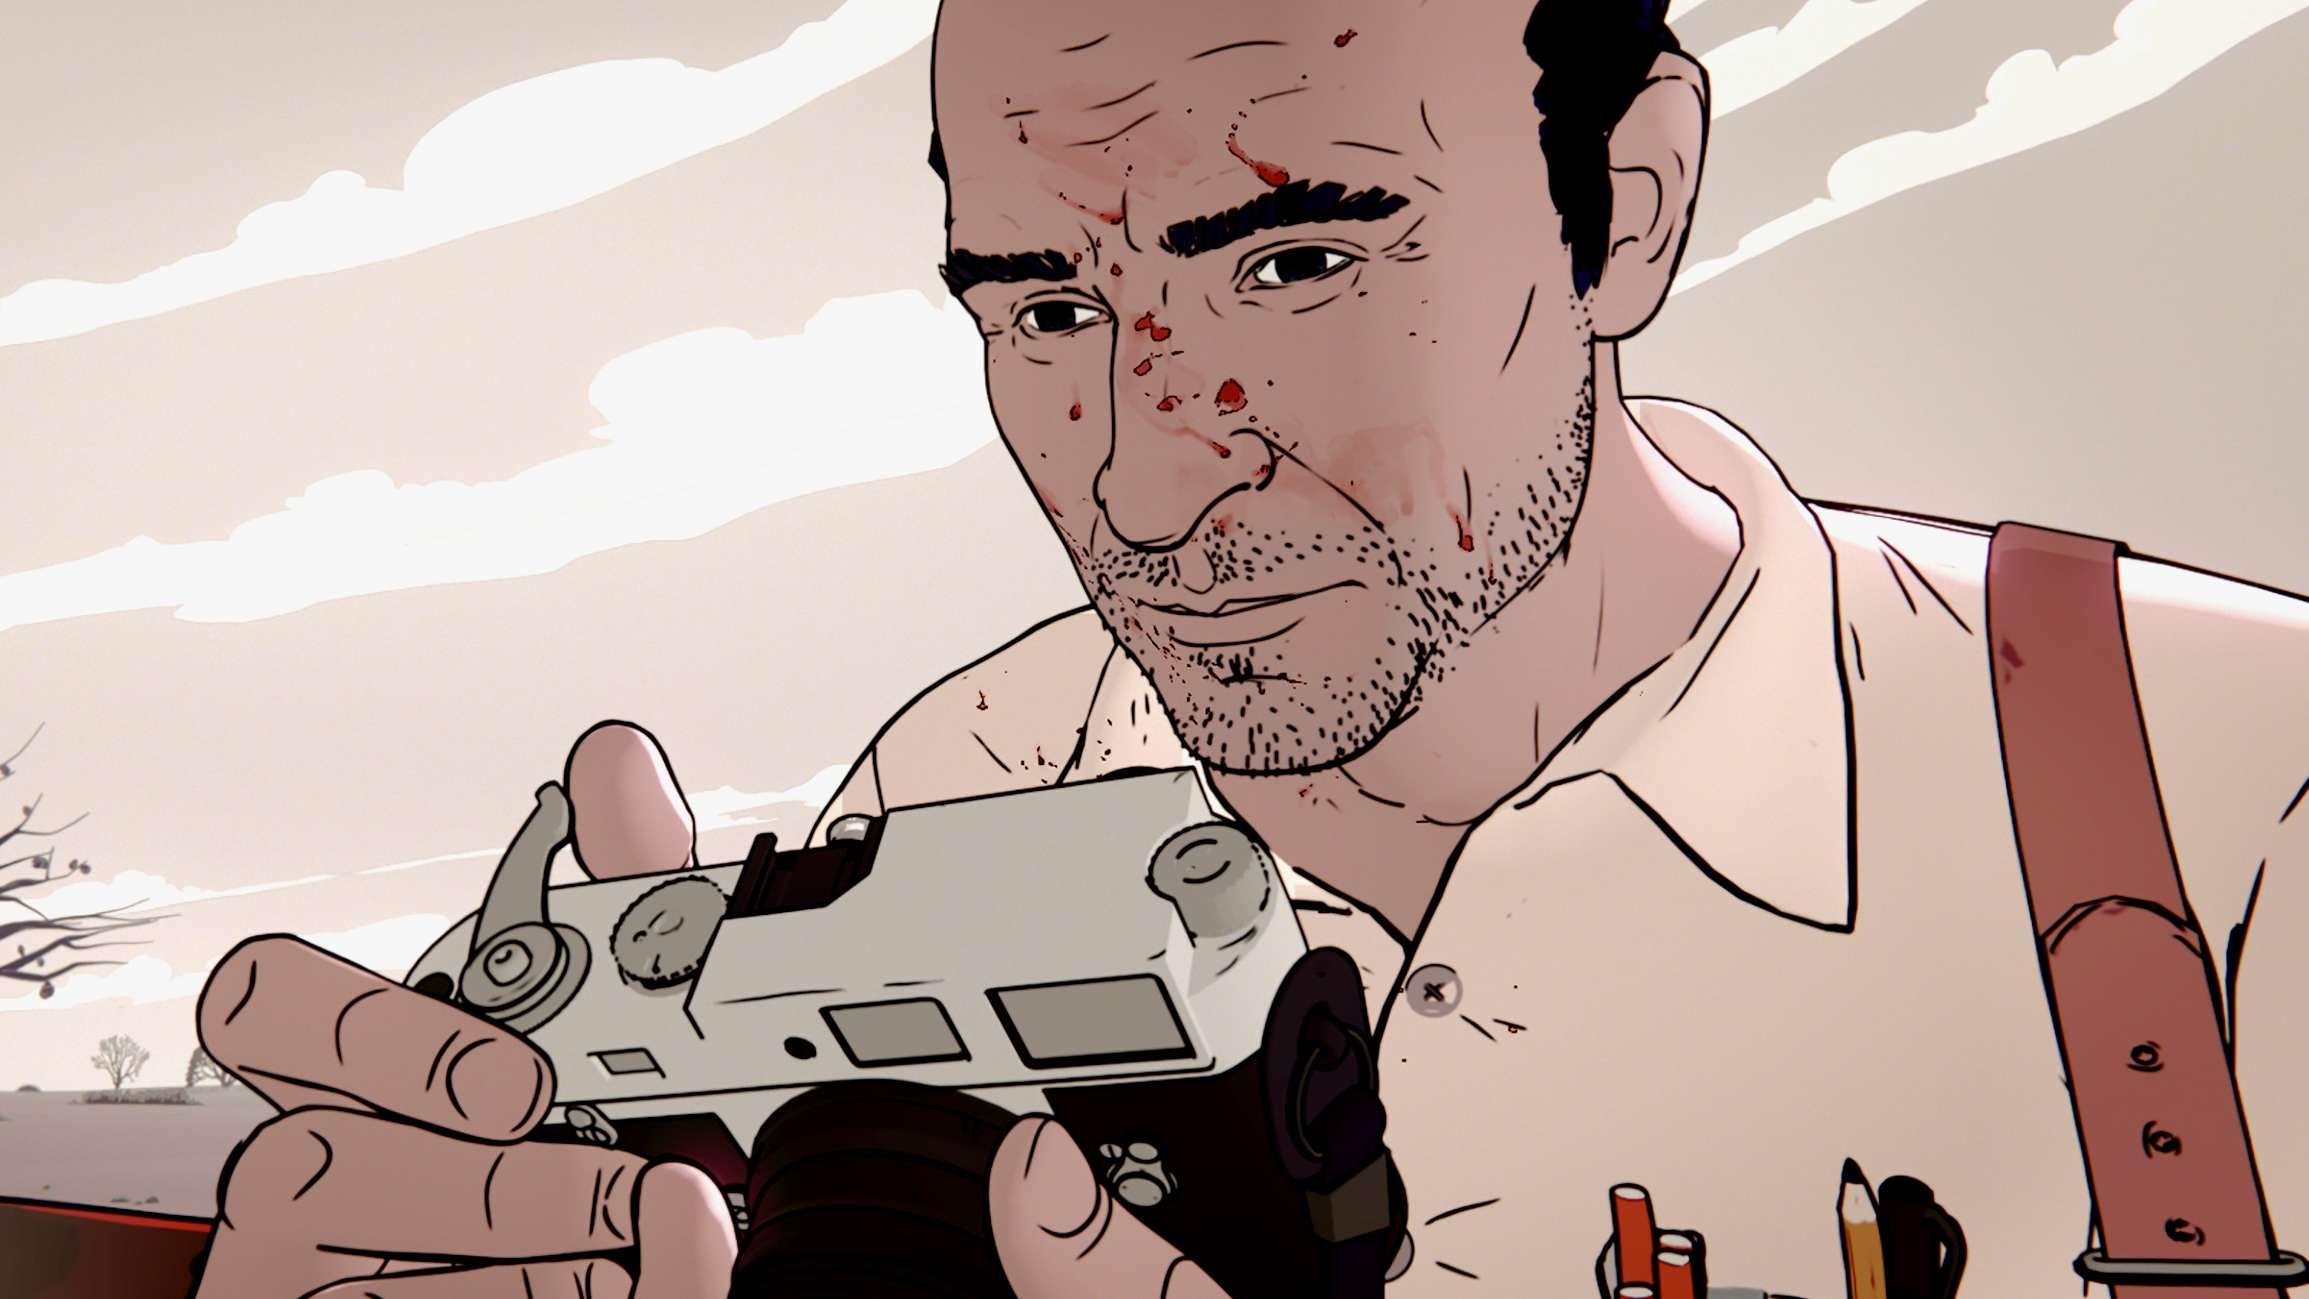 Szene aus dem Film: Kapuściński schaut in seine Kamera, er hat Blut im Gesicht.